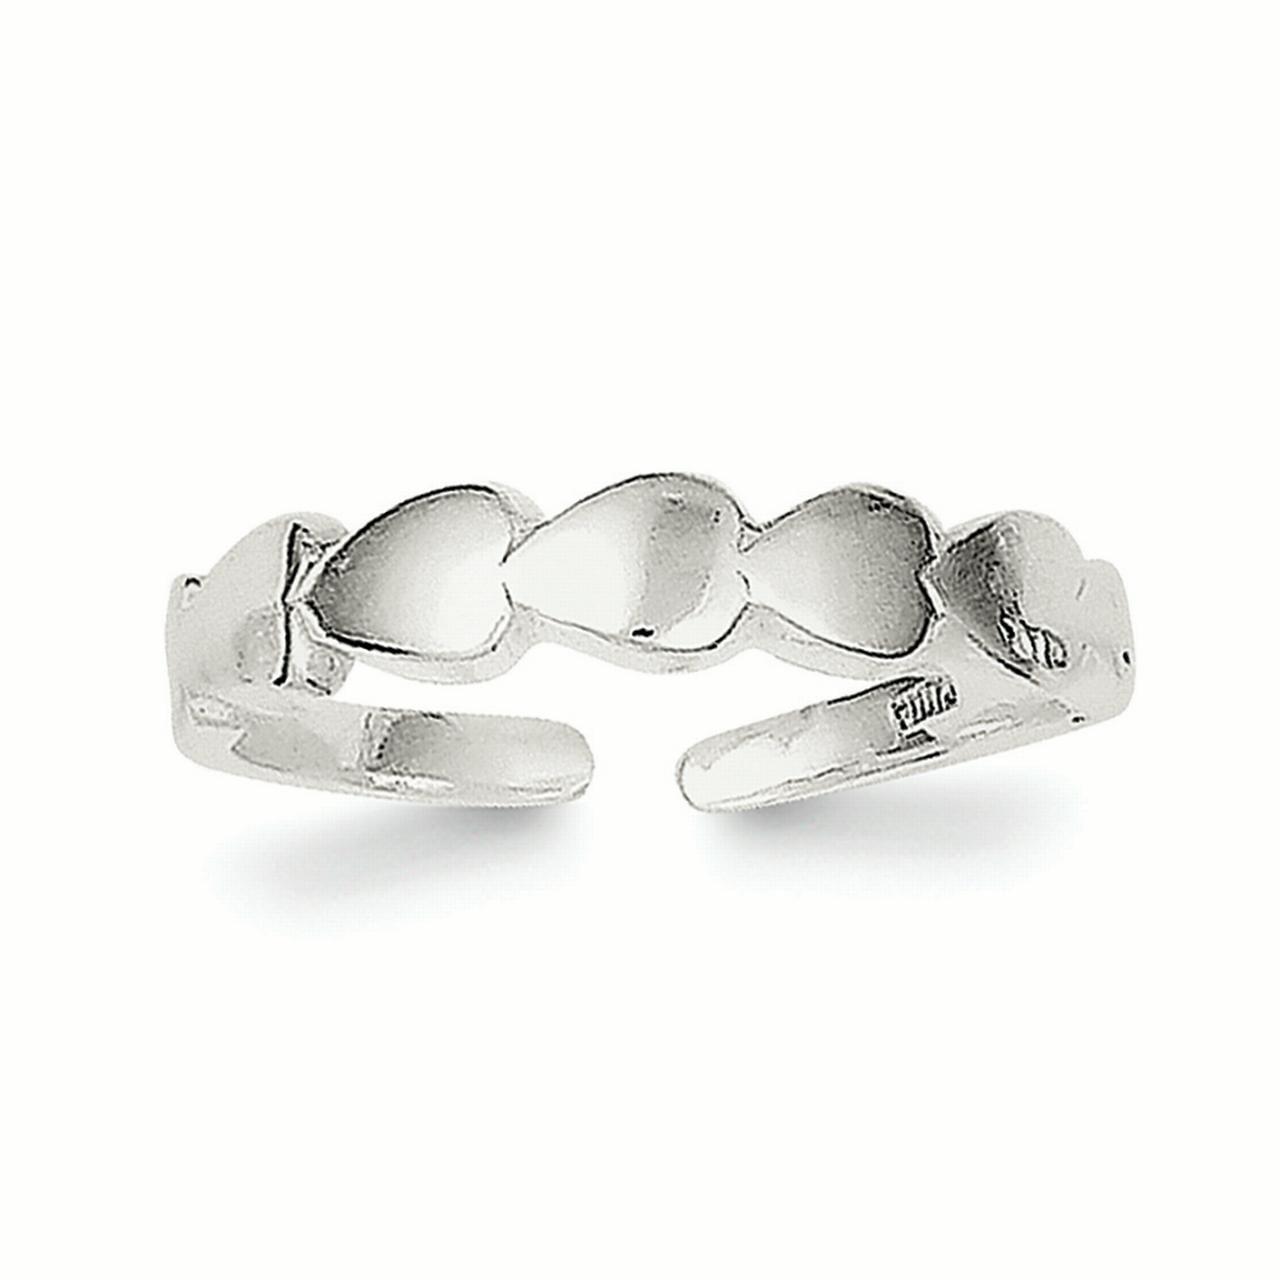 .925 Sterling Silver Heart Lock /& Key Toe Ring MSRP $49